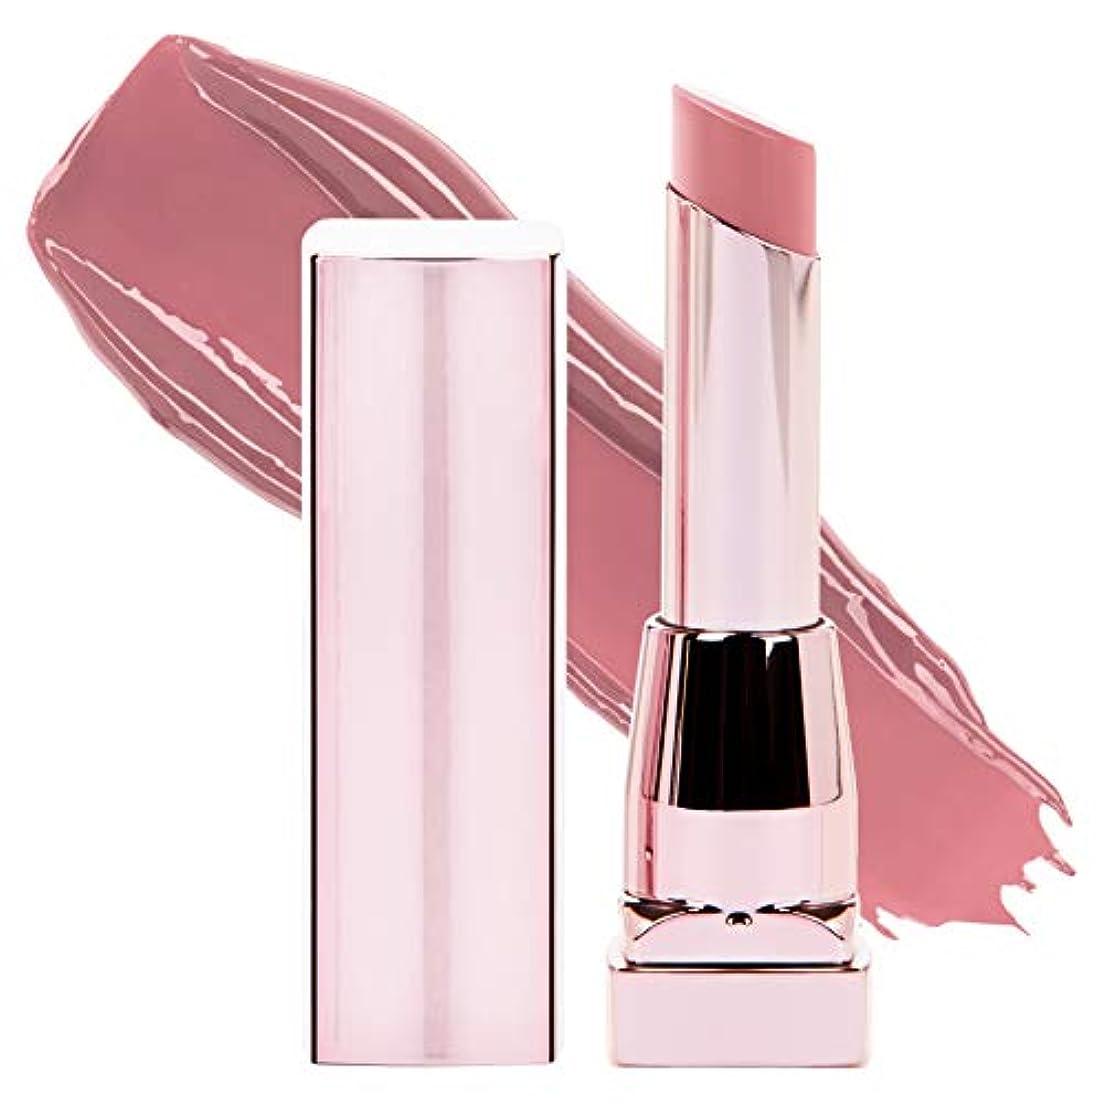 カリングレシピ狐MAYBELLINE Color Sensational Shine Compulsion Lipstick - Undressed Pink 075 (並行輸入品)